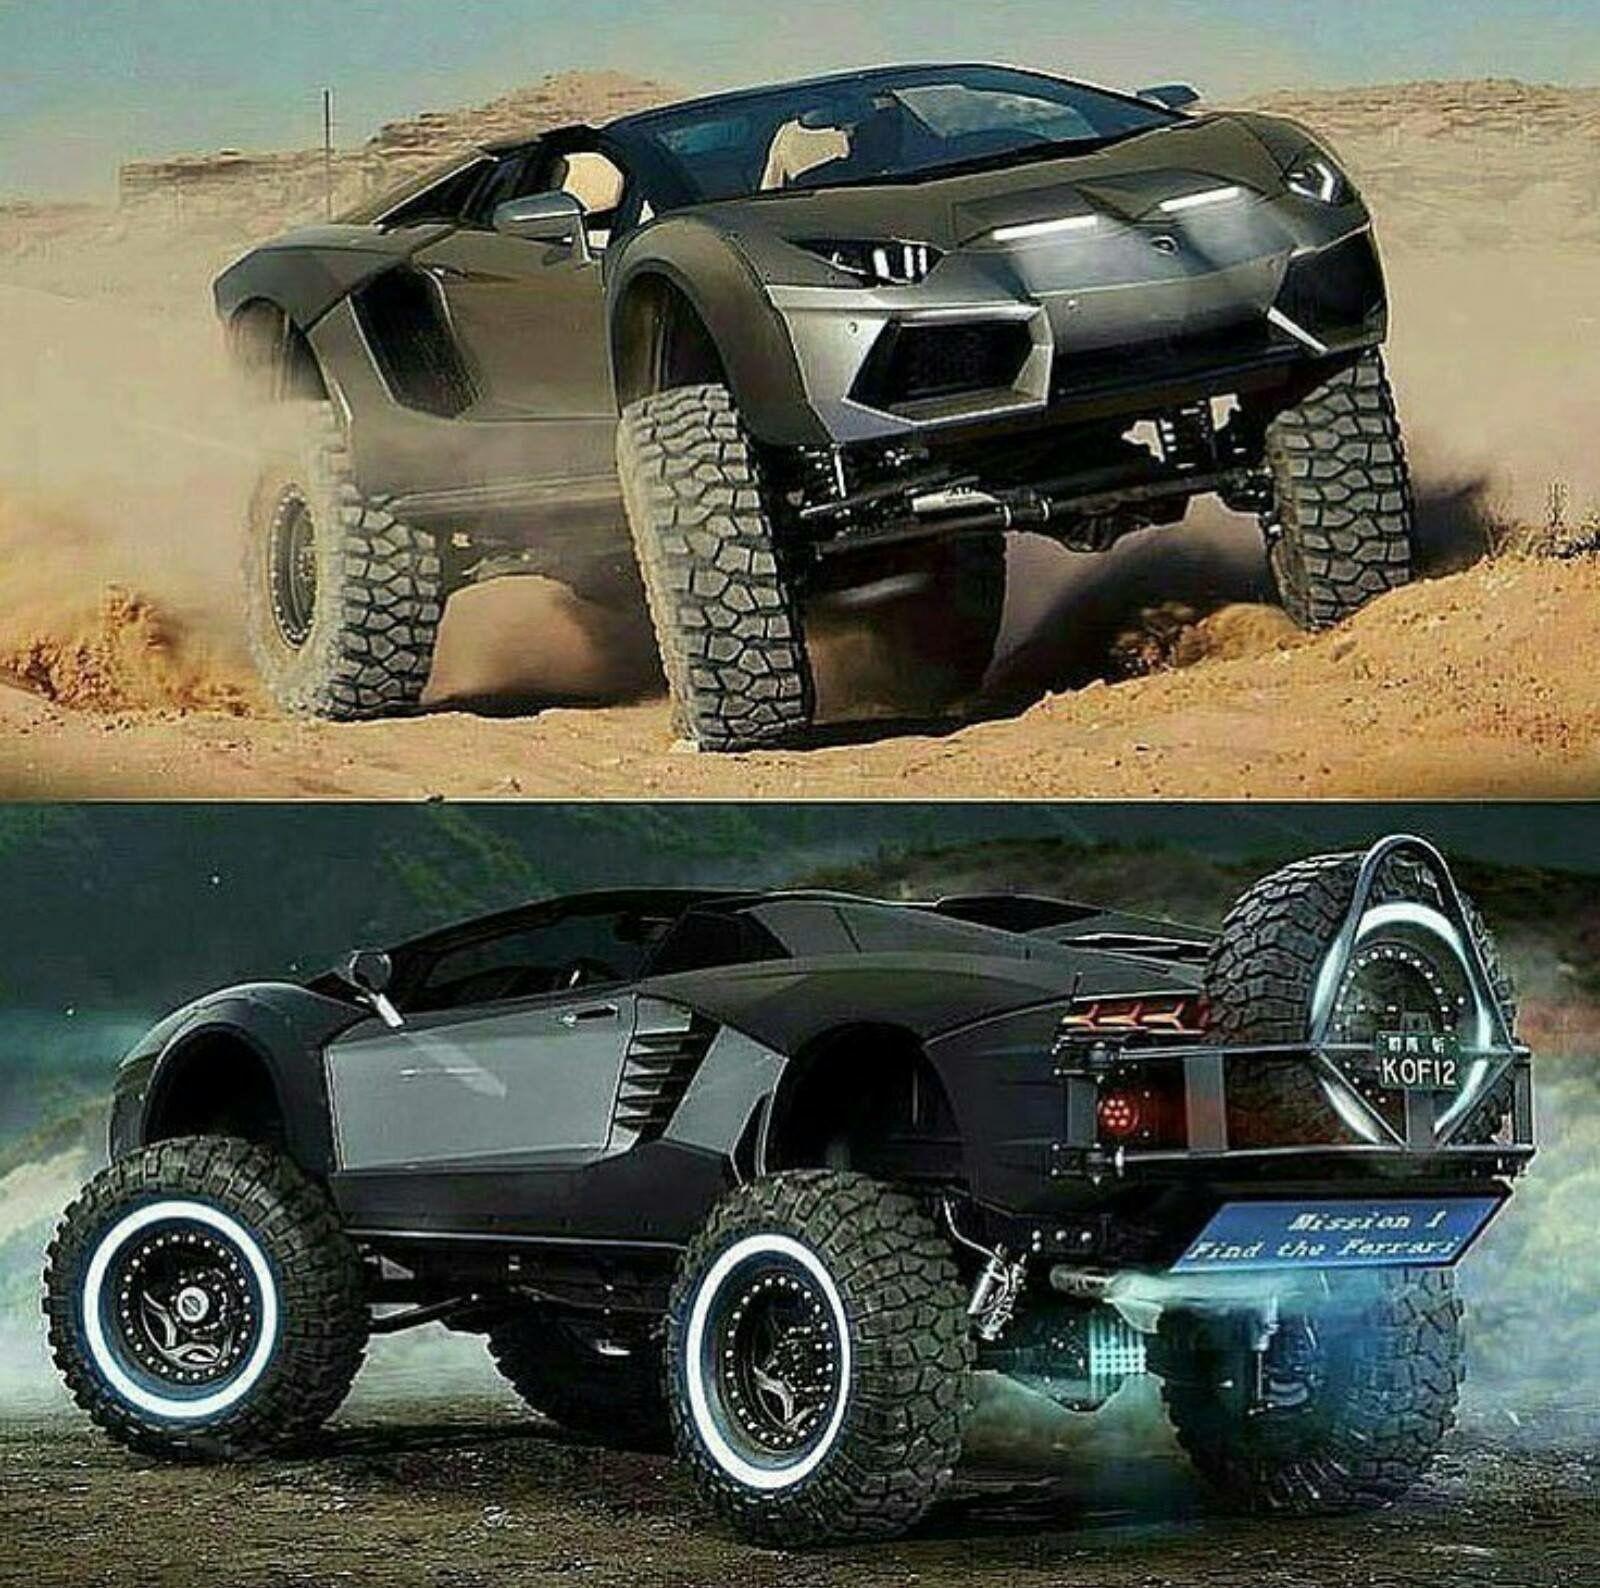 Pin By Joseph Opahle On Misfit 4x4 Cars Lamborghini Vehicles